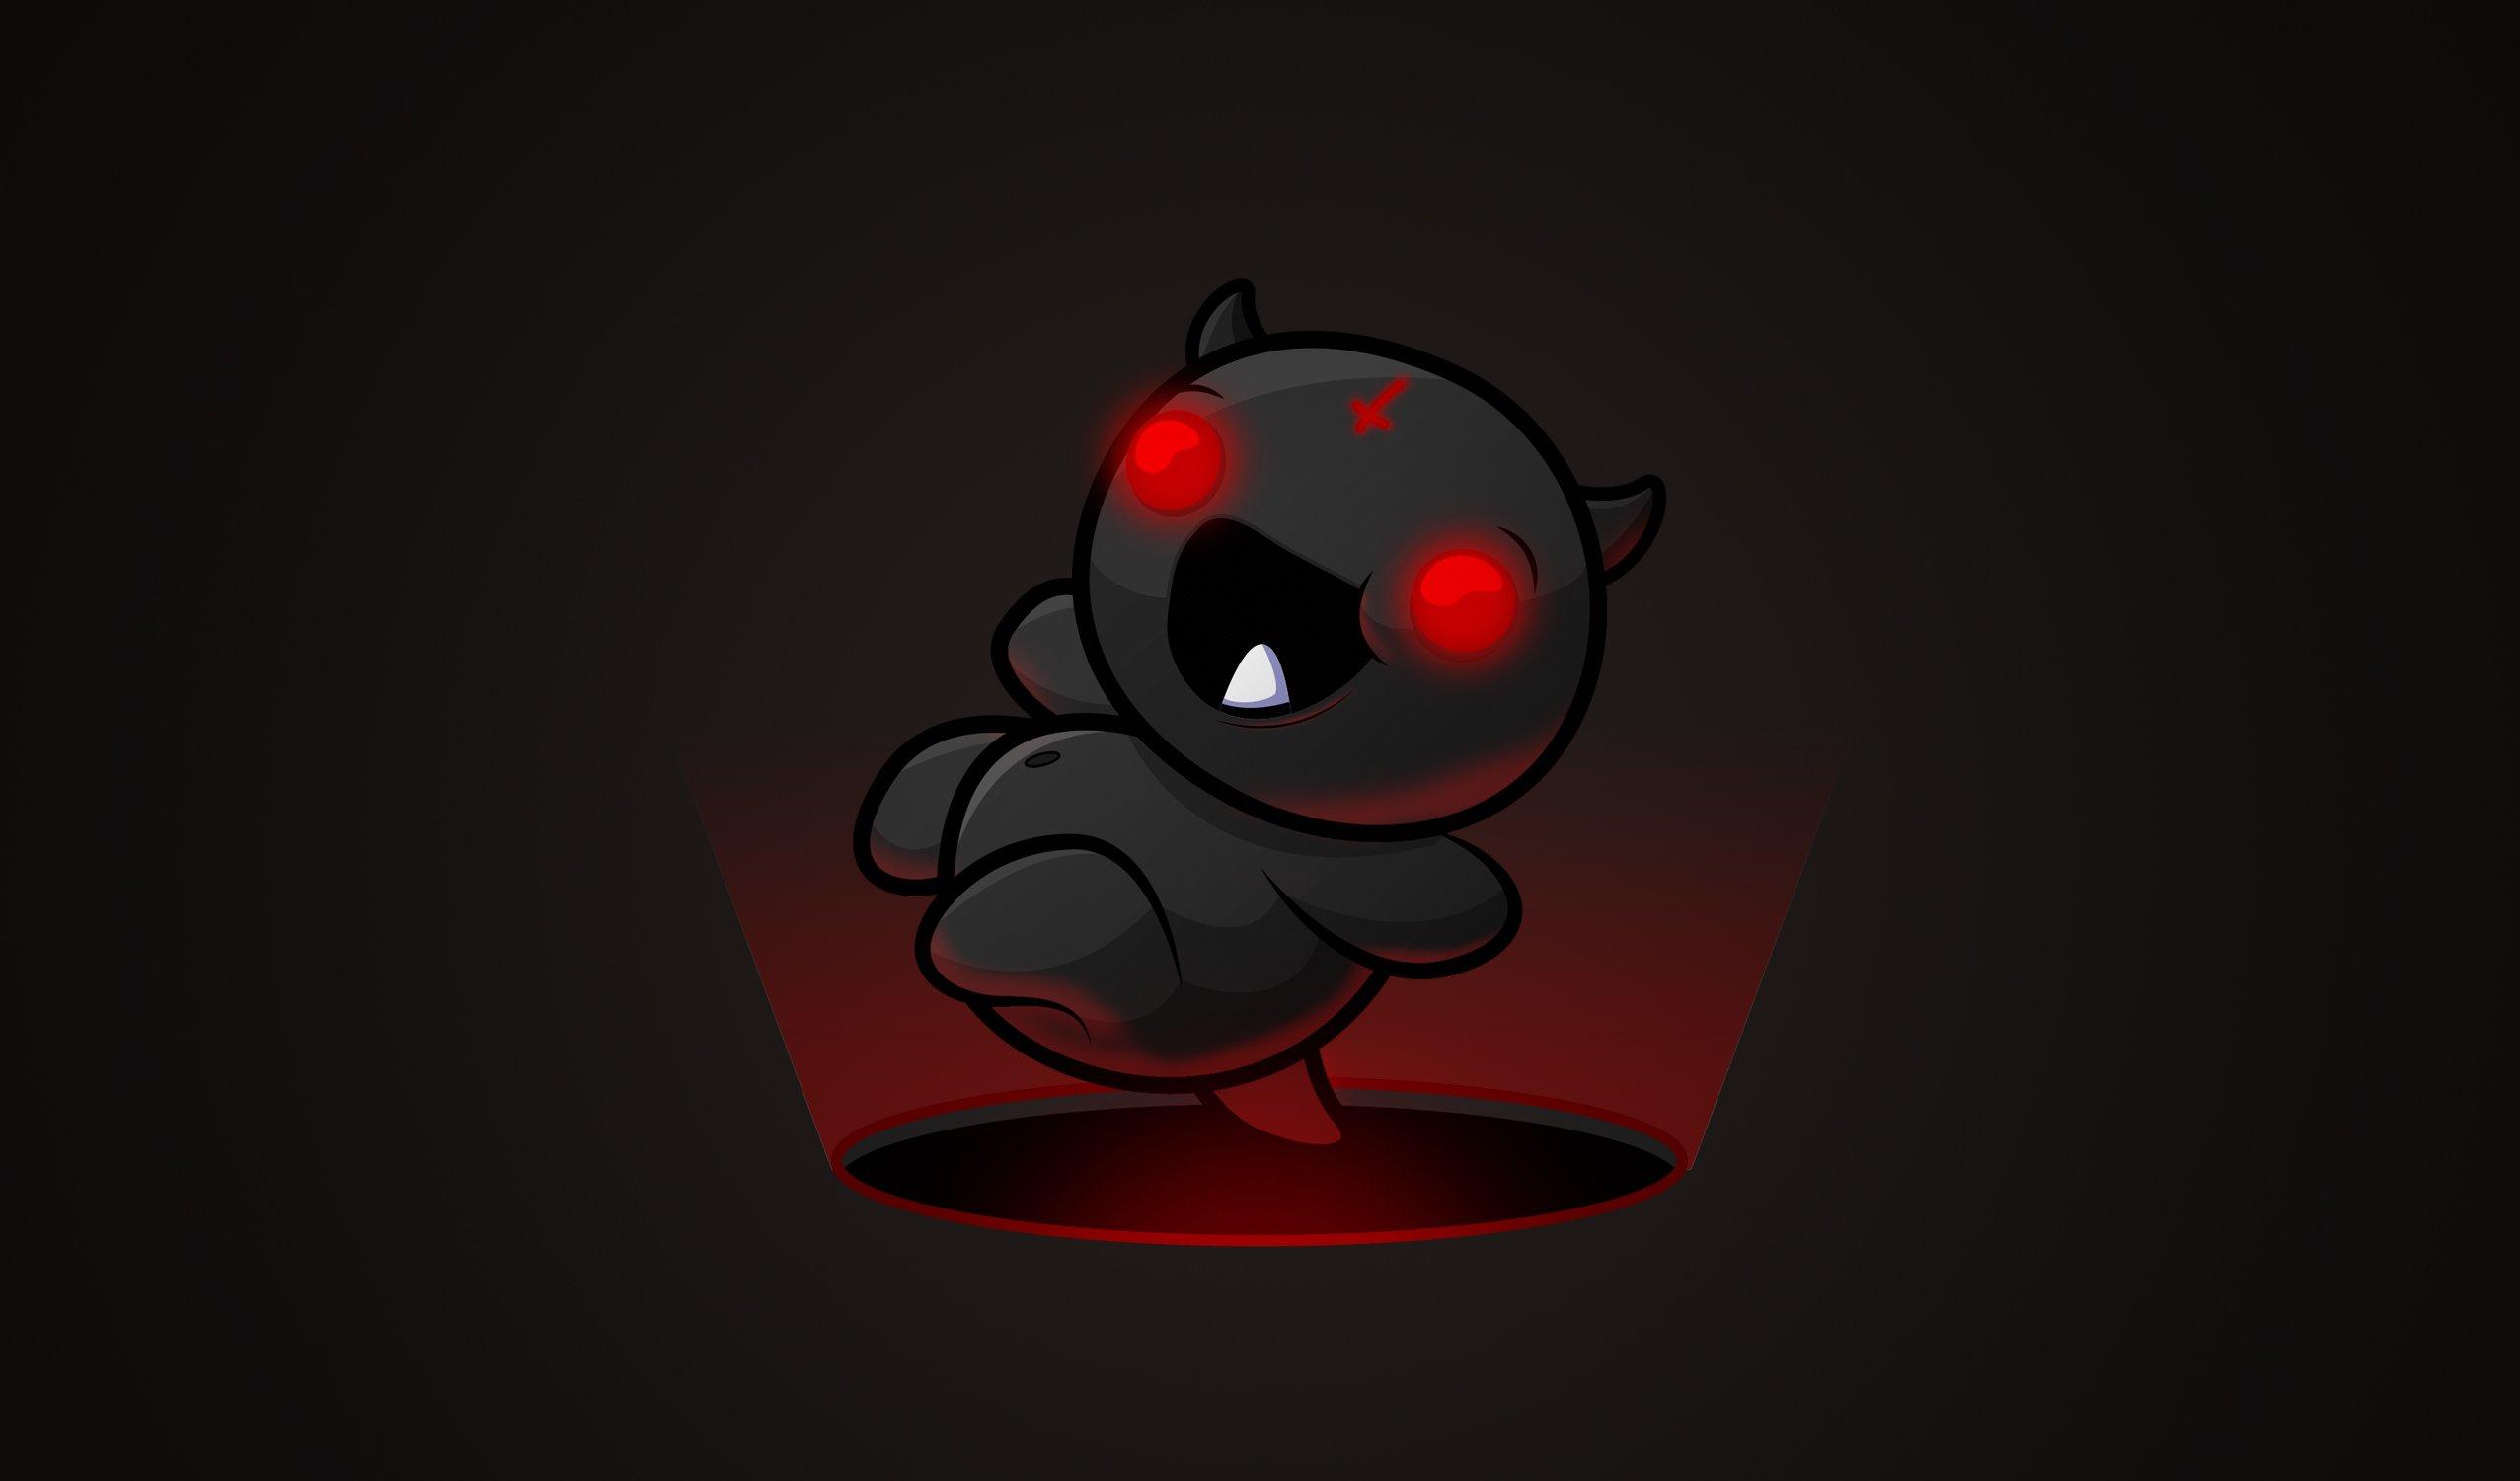 Милый демоненок  - Изображение 1